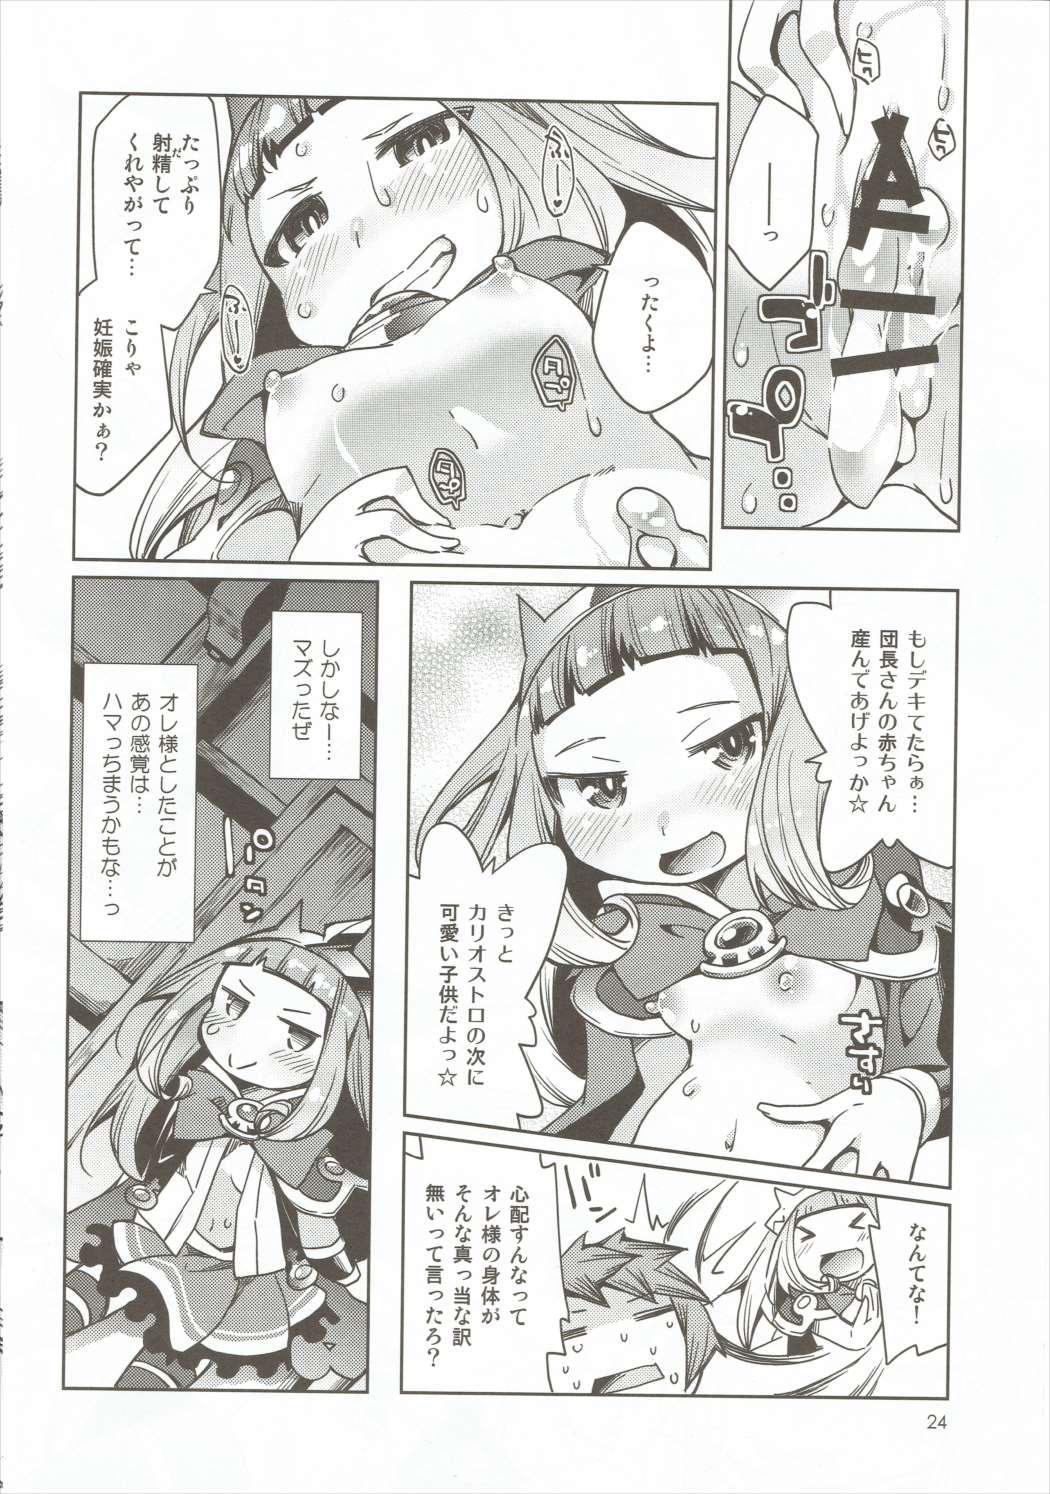 Osora no Ue de Ecchi Shiyo! 22